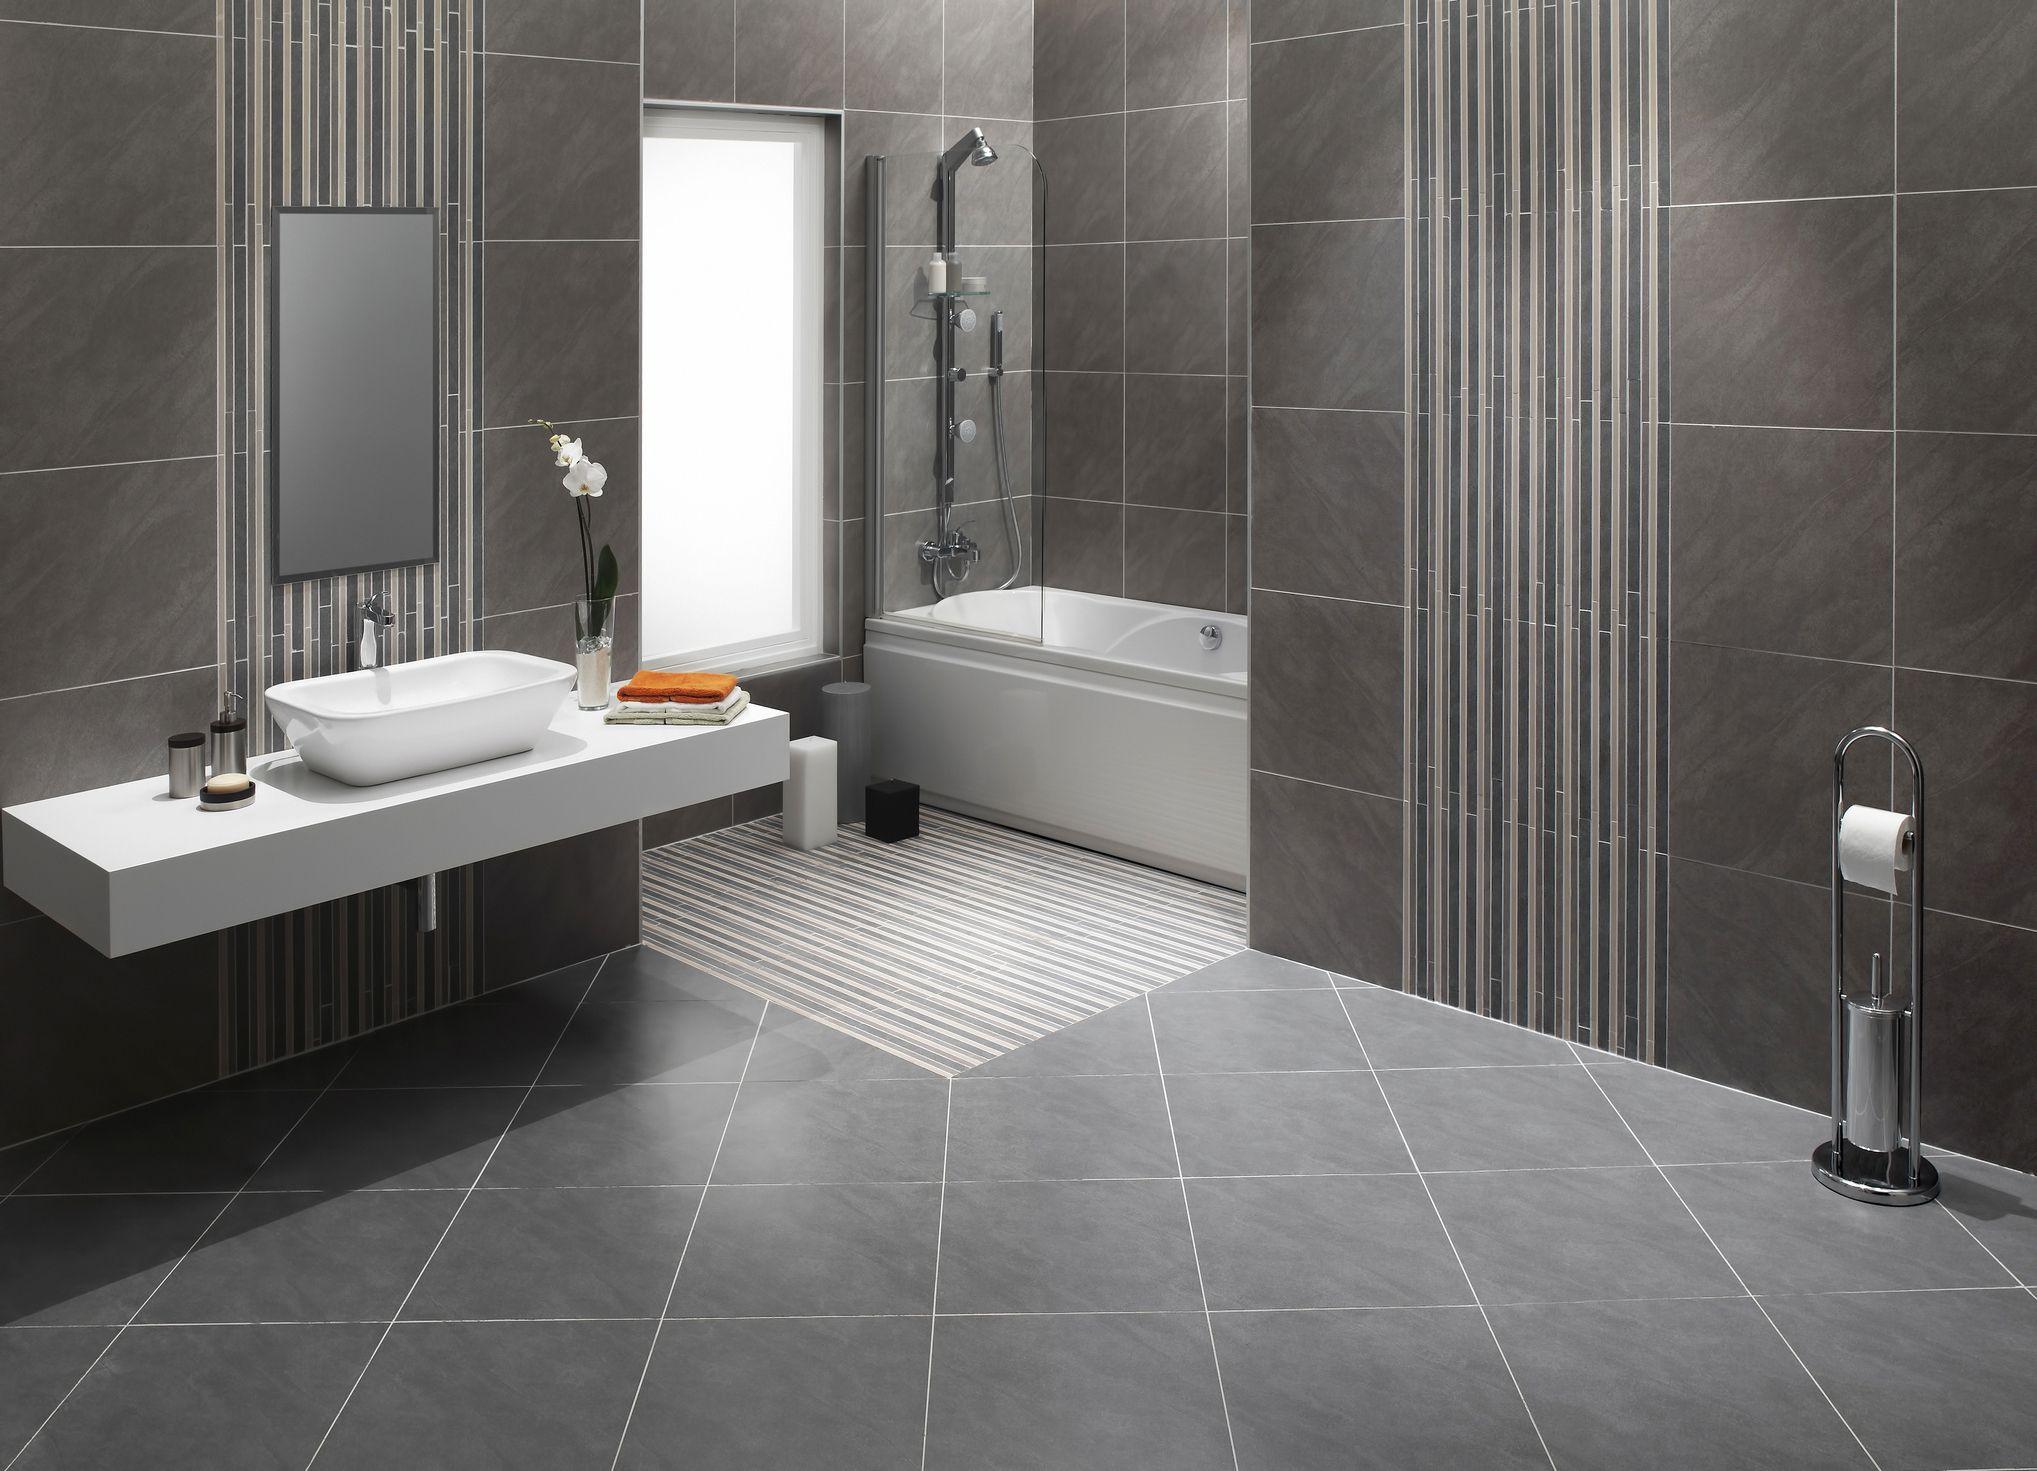 a diagonal tile layout for a bathroom floor